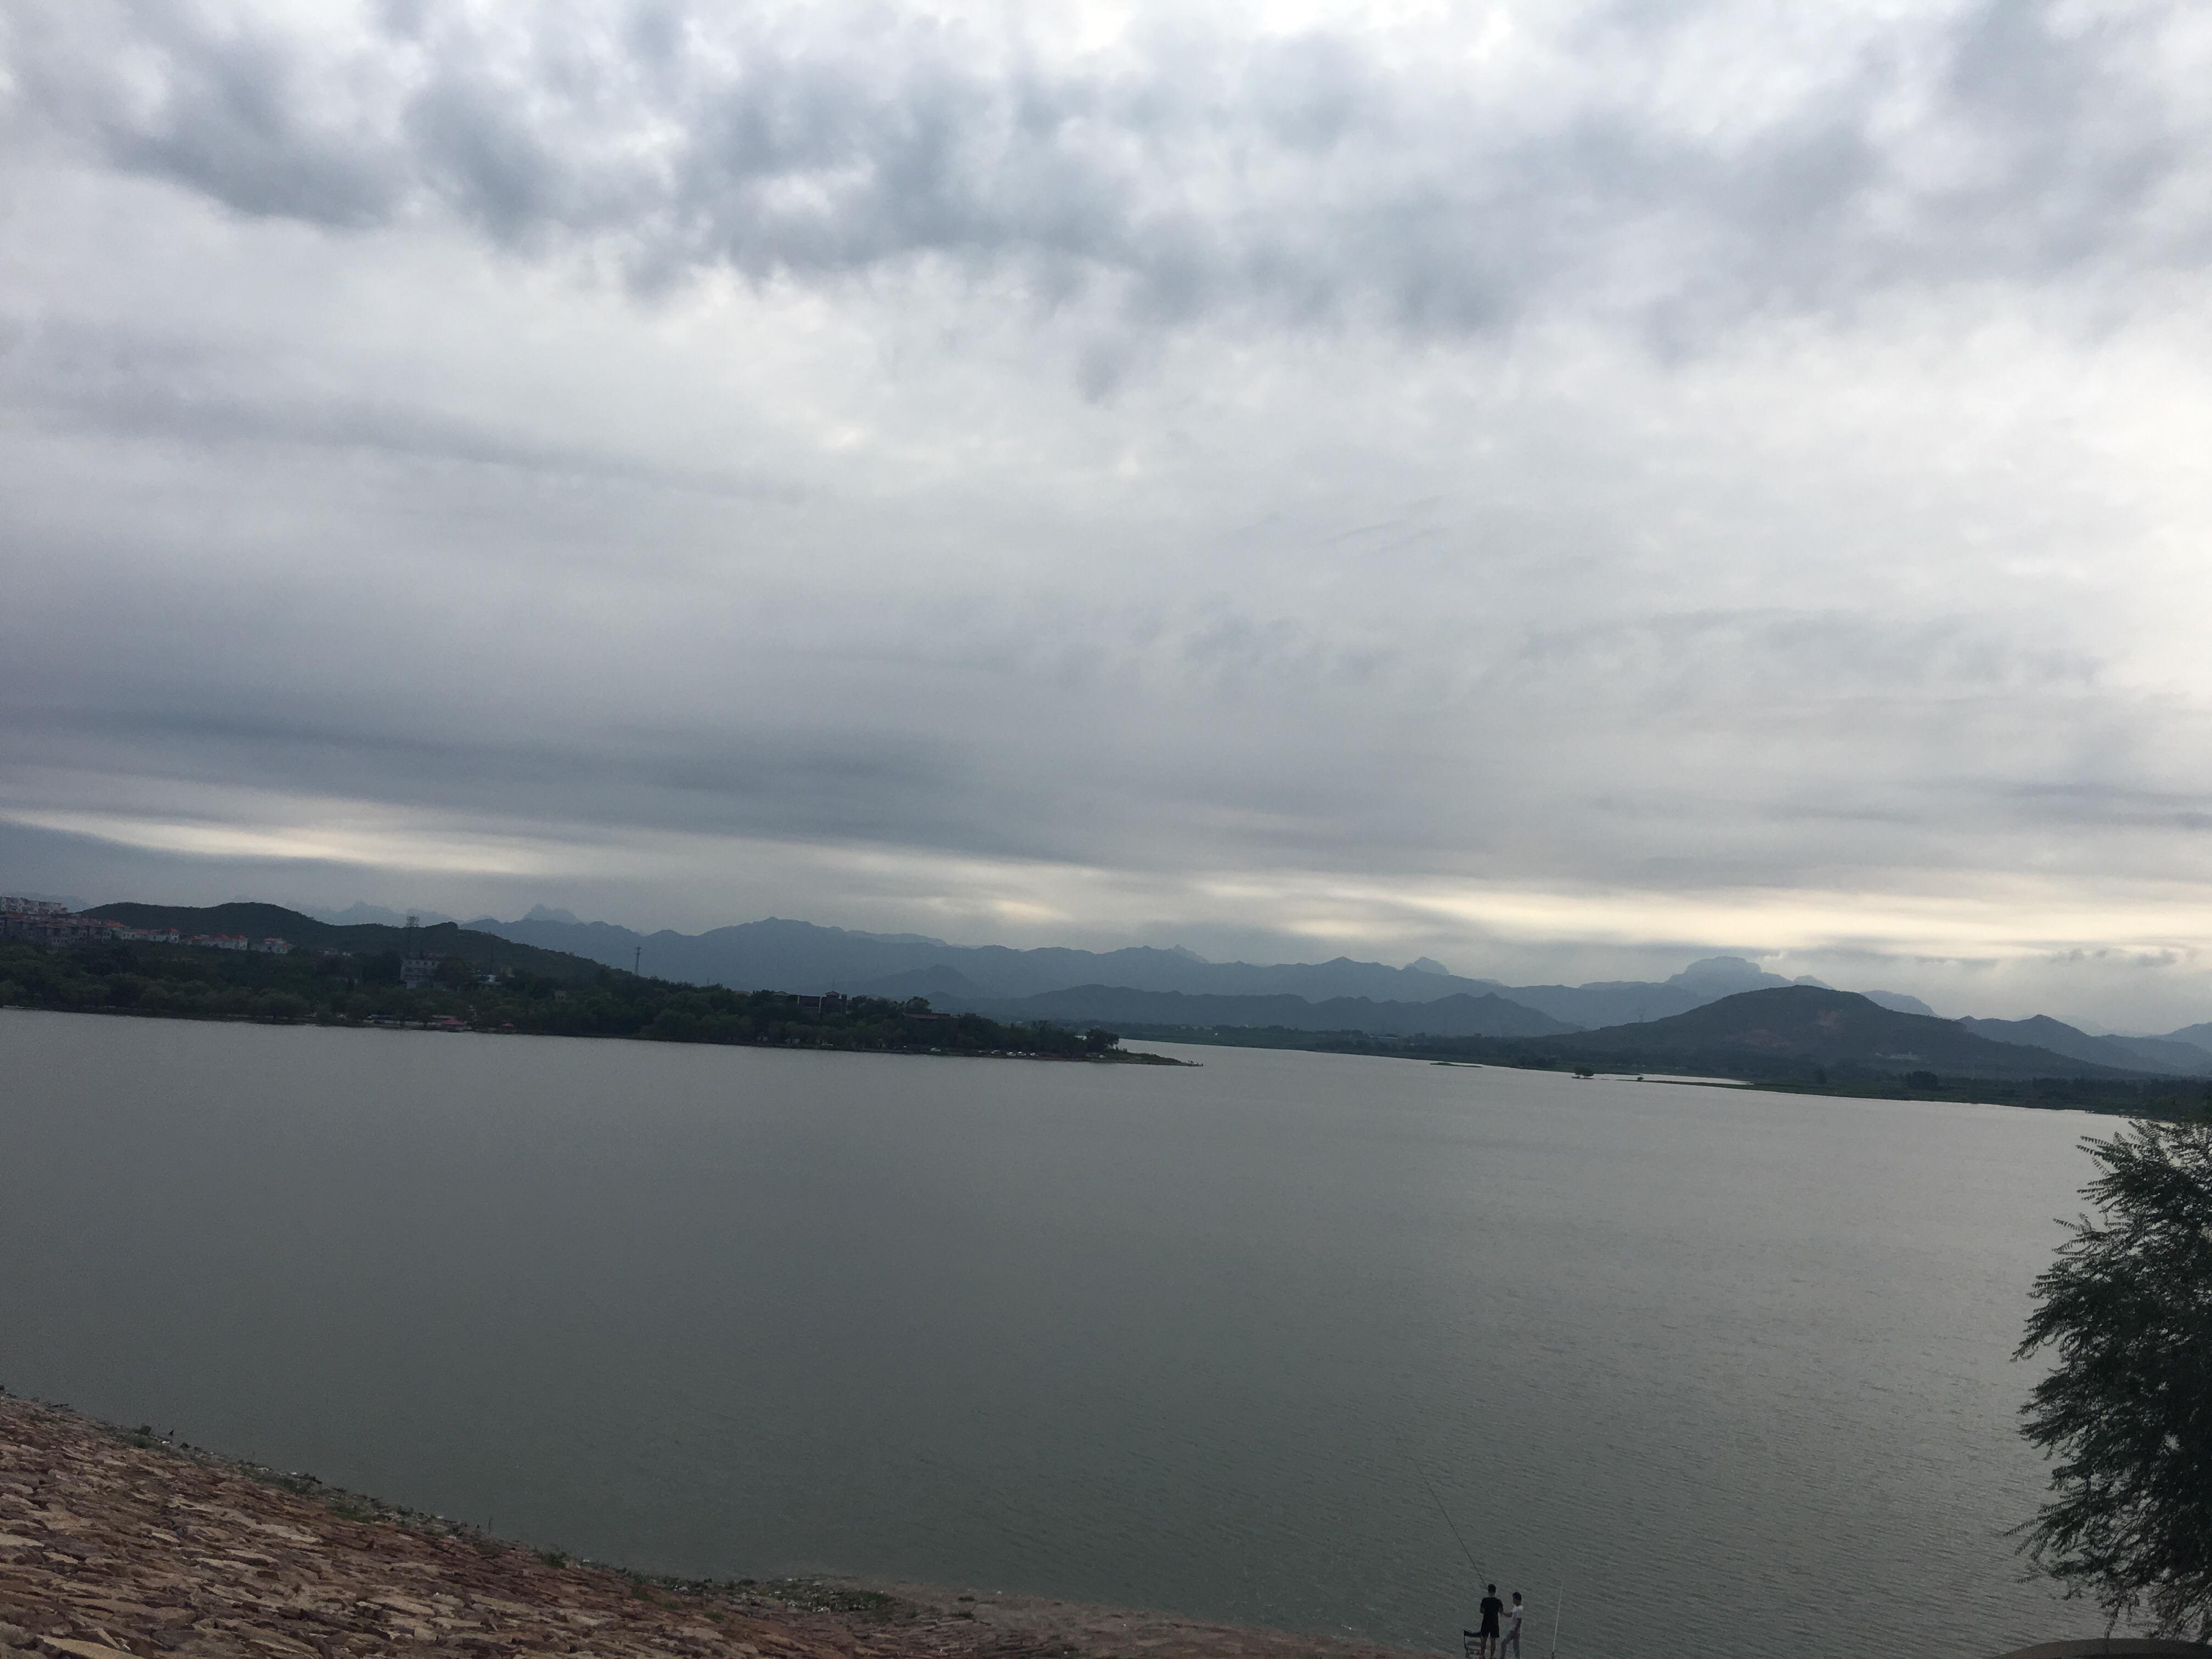 蟠龙湖风景图片,没事钓钓鱼也很休闲啊